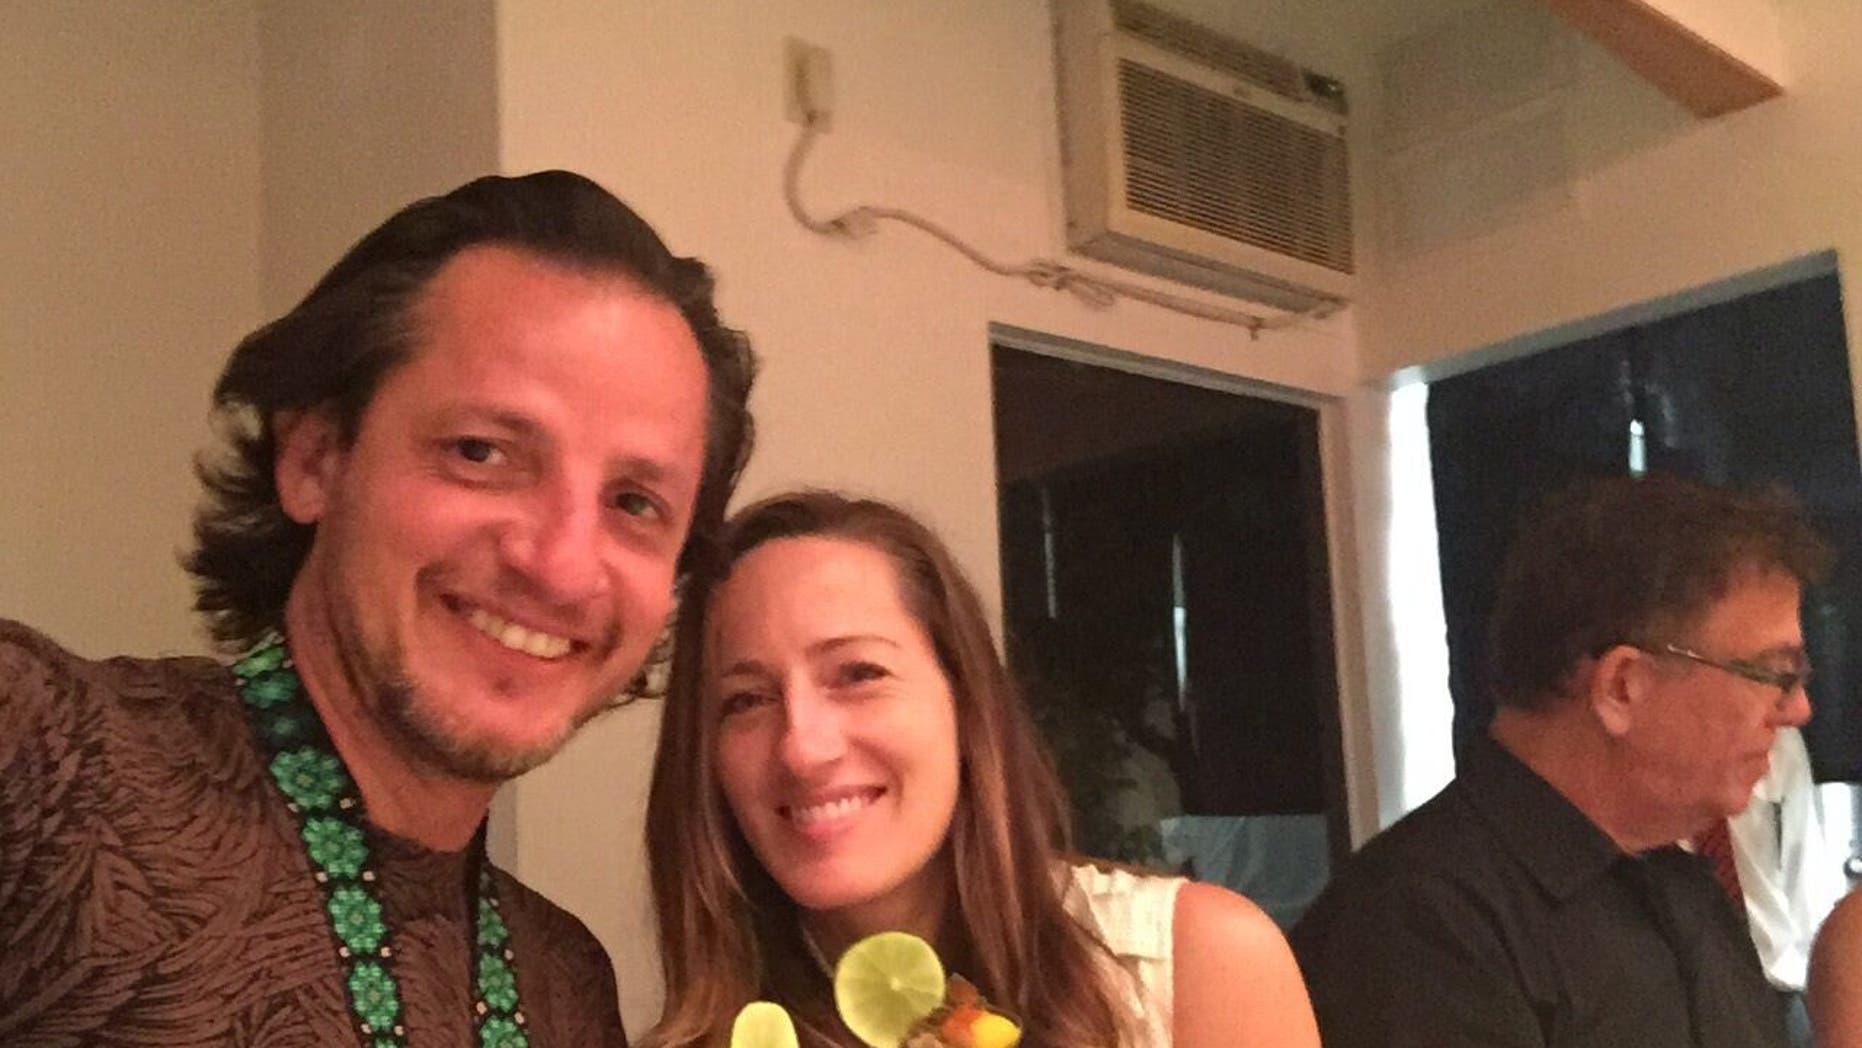 April Corley and Rafael Bejarano